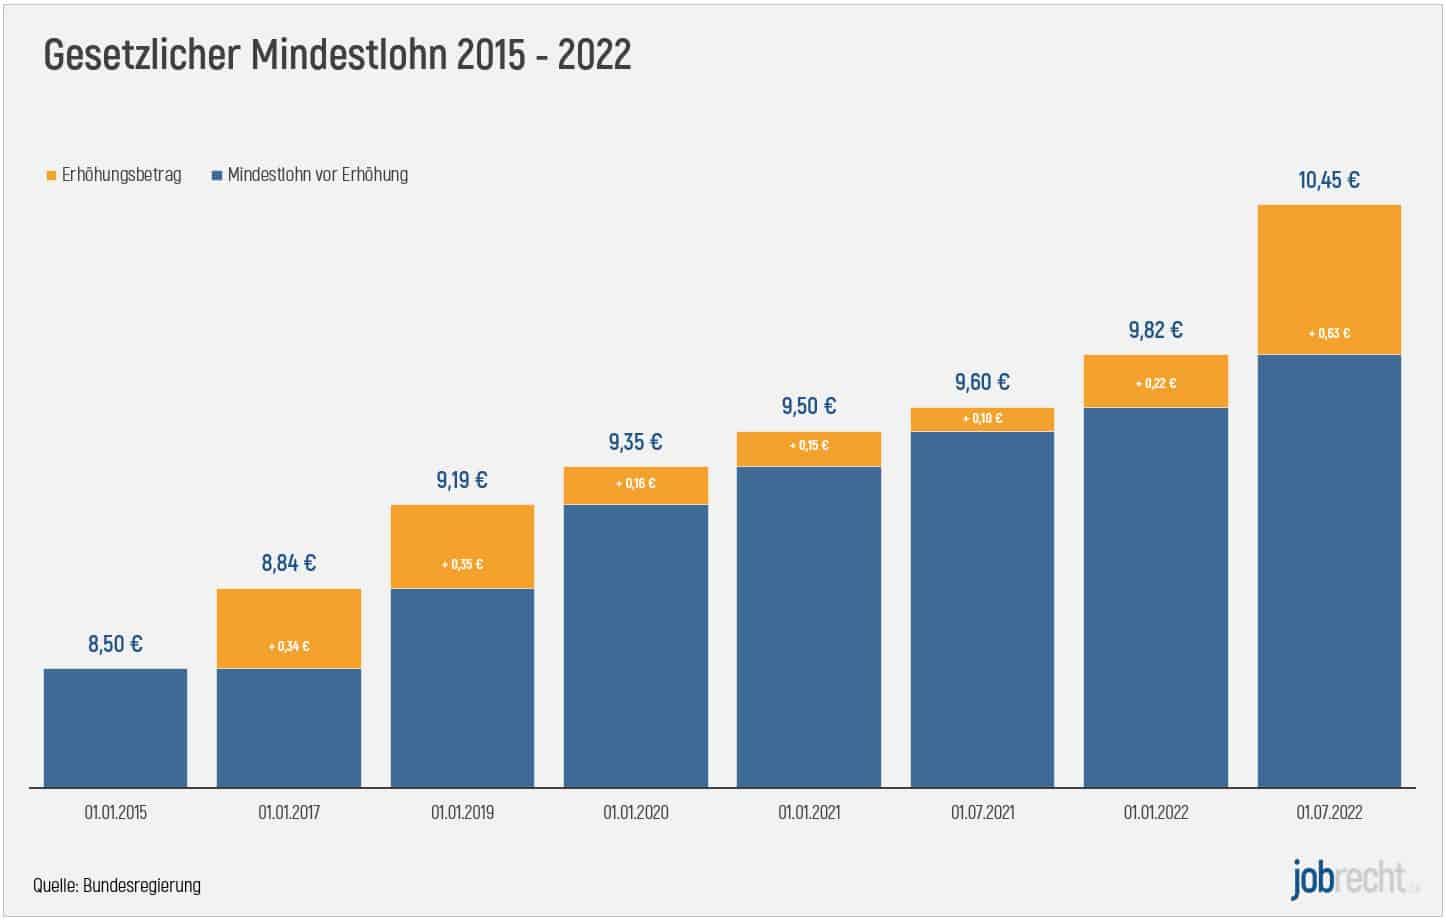 Statistik Diagramm Mindestlohn 2015 bis 2022 mit Erhöhungsbetrag